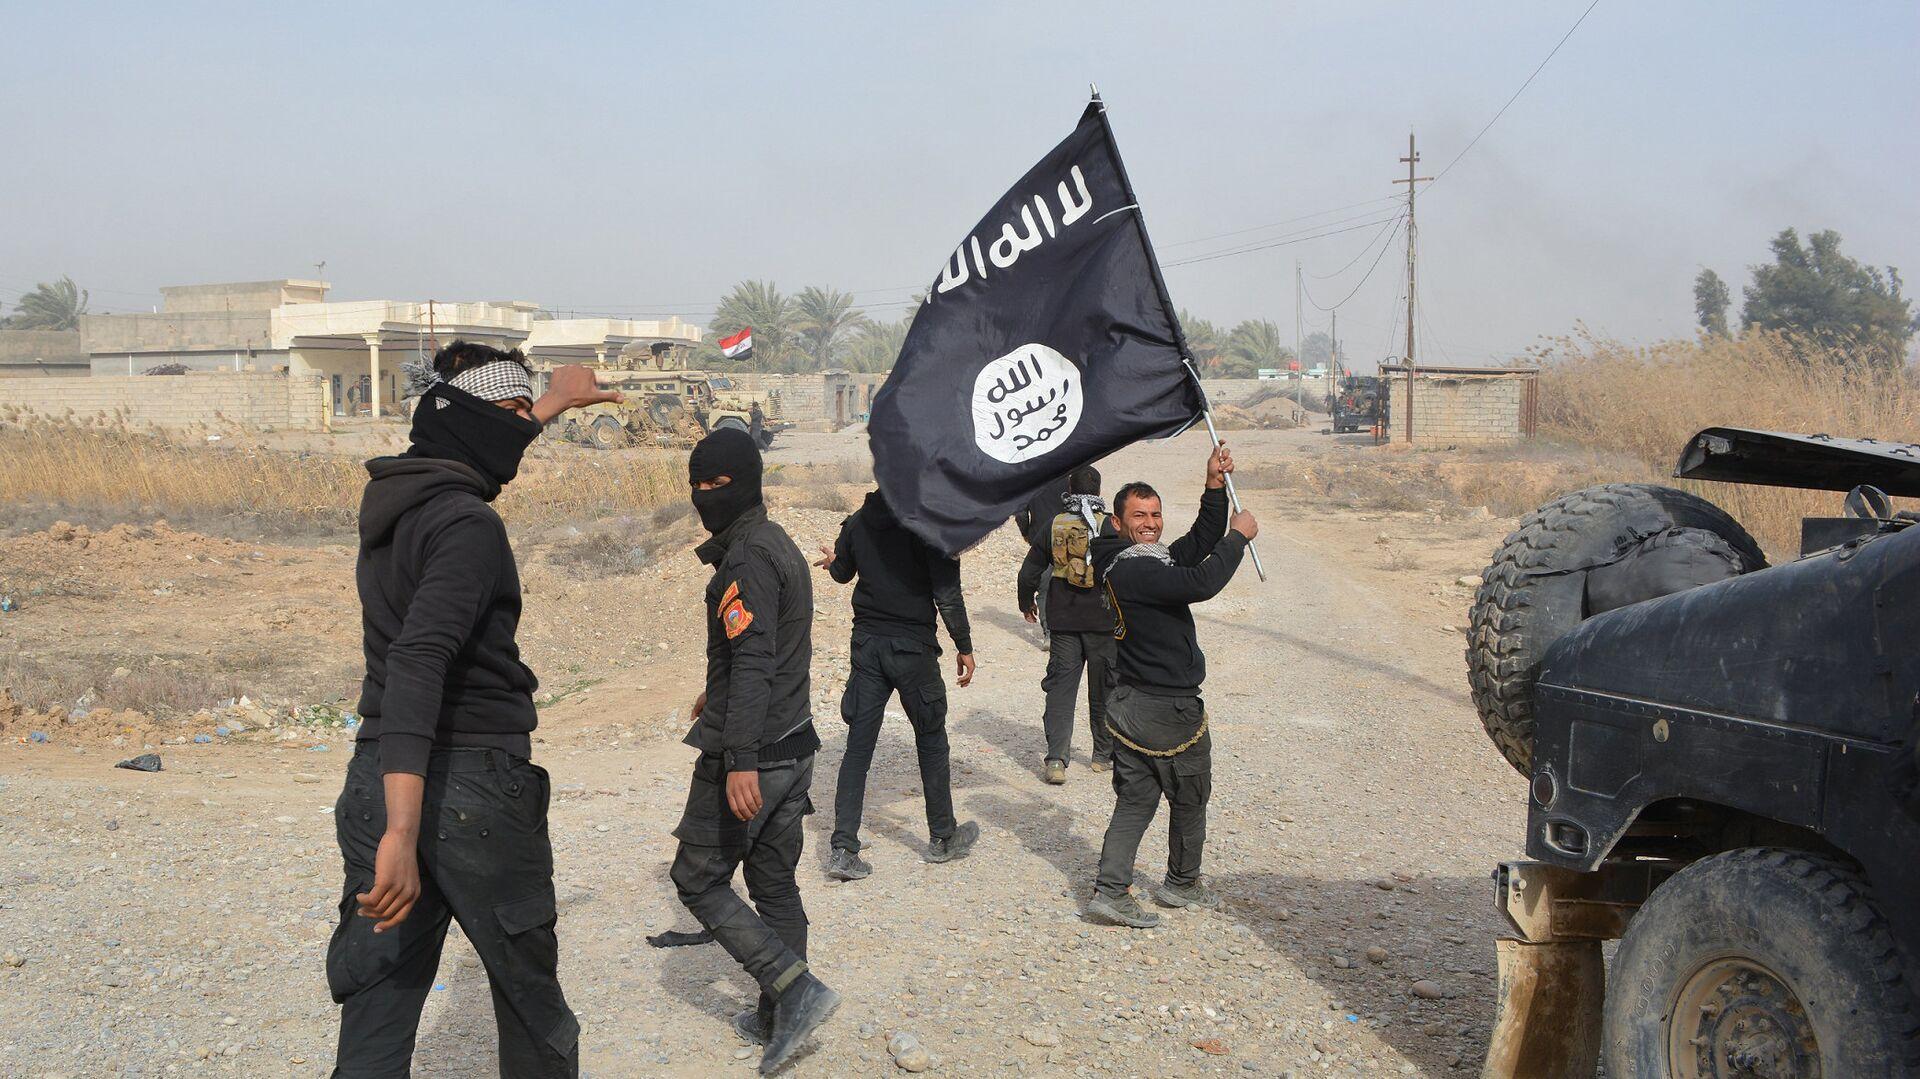 Combattenti ISIS in Iraq  - Sputnik Italia, 1920, 07.09.2021